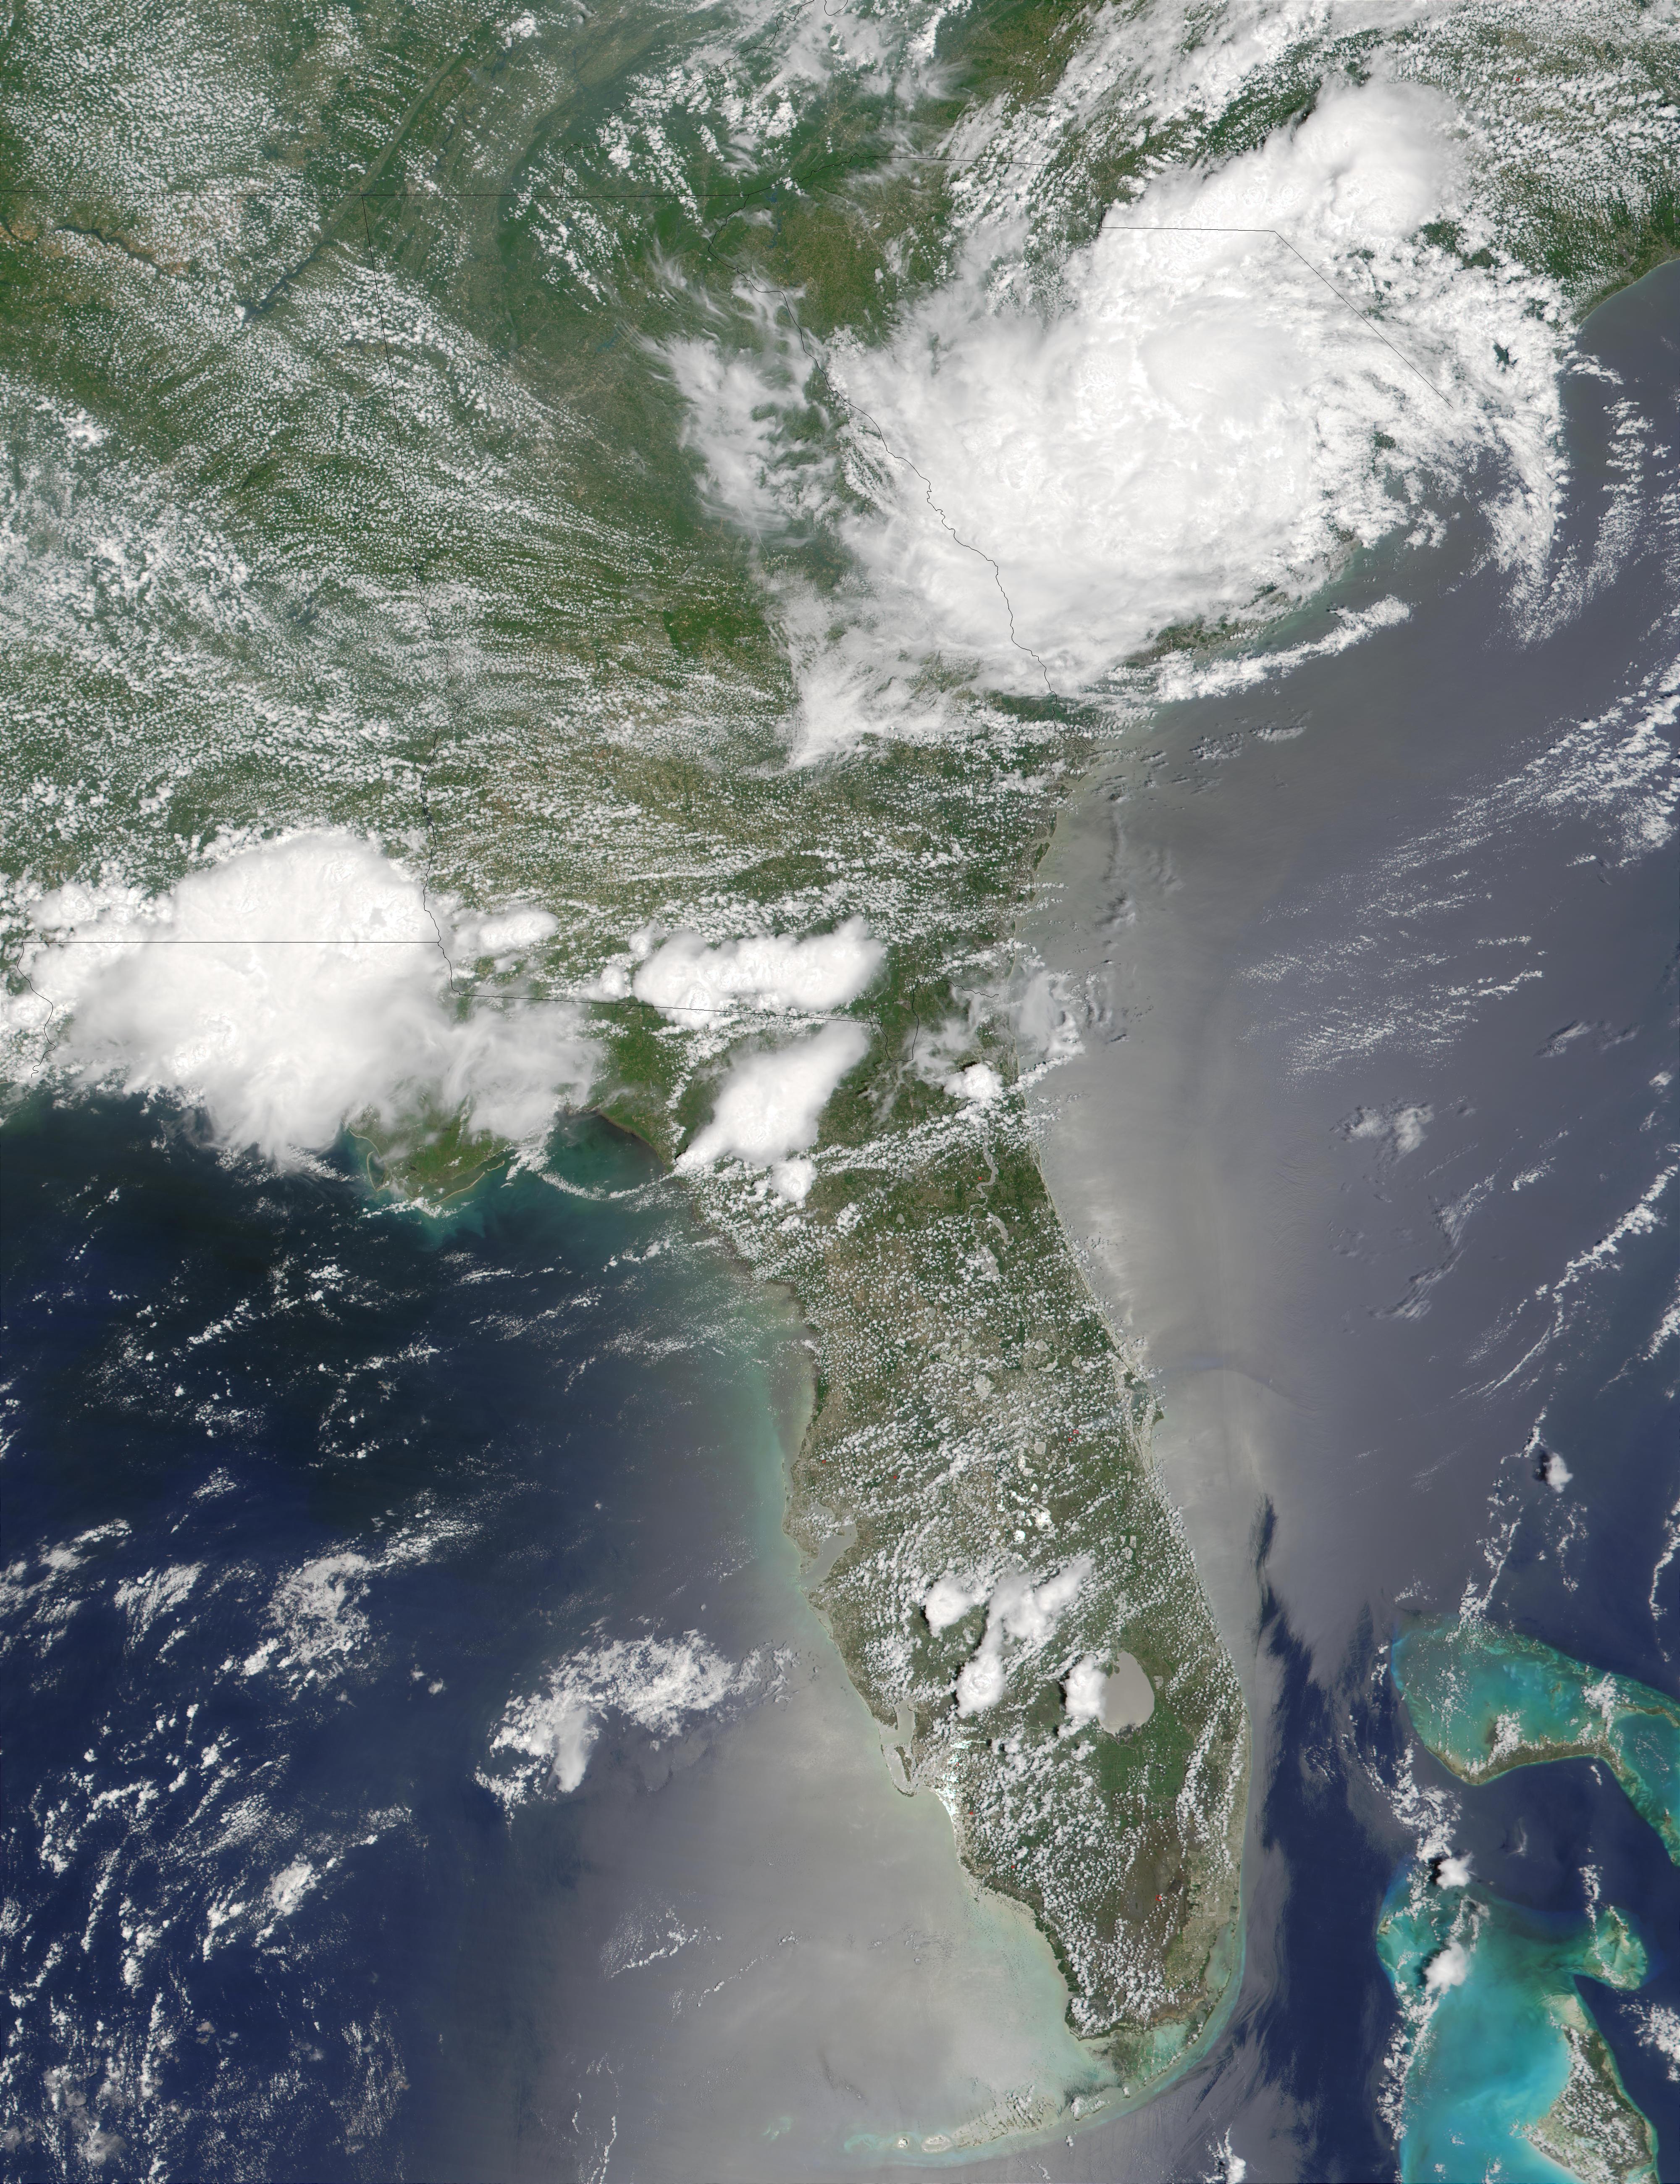 Vestigios del ciclón tropical Allison encima del sureste Estados Unidos